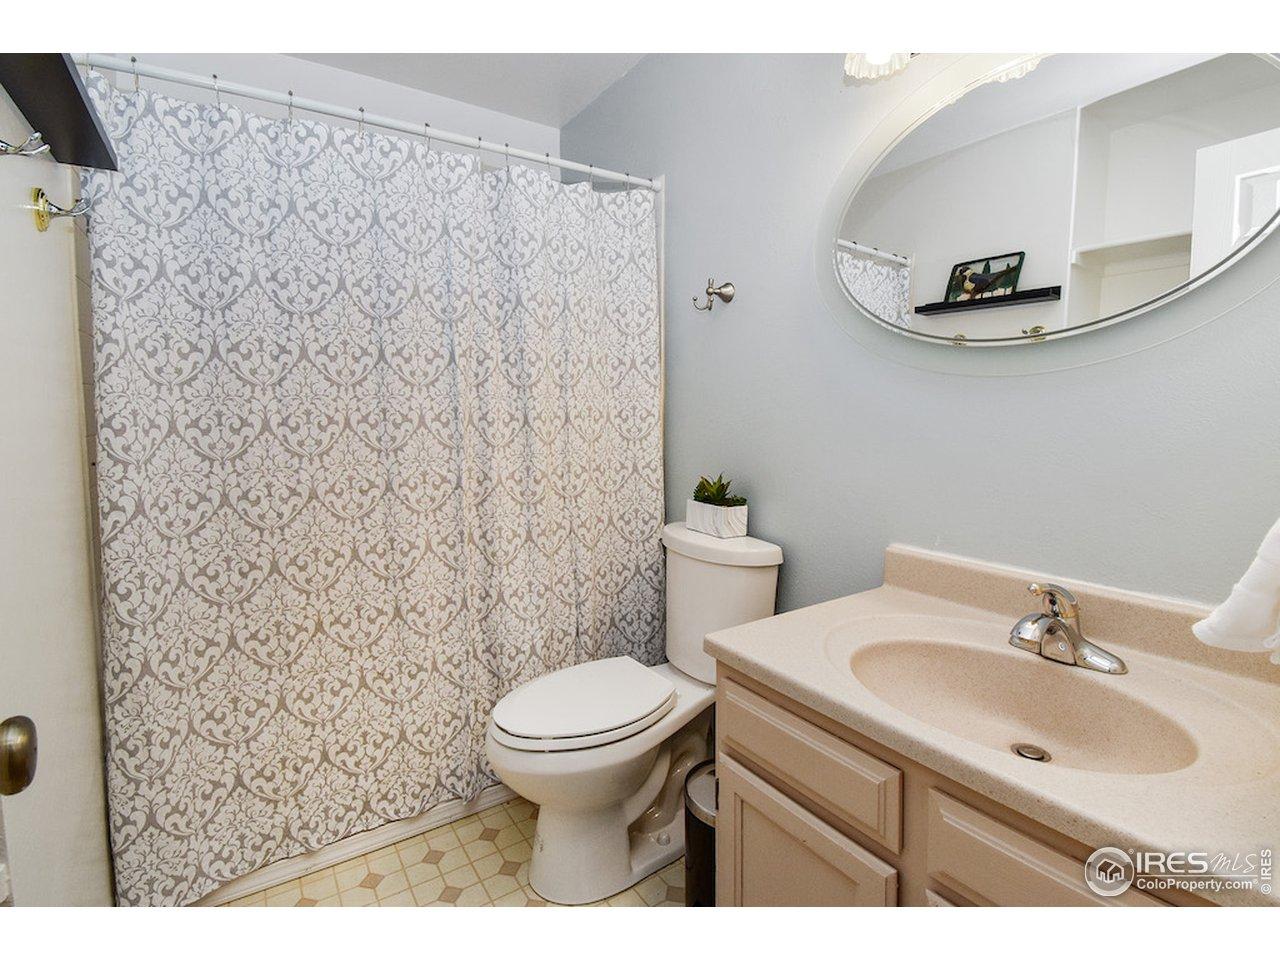 Shared Hall Bath